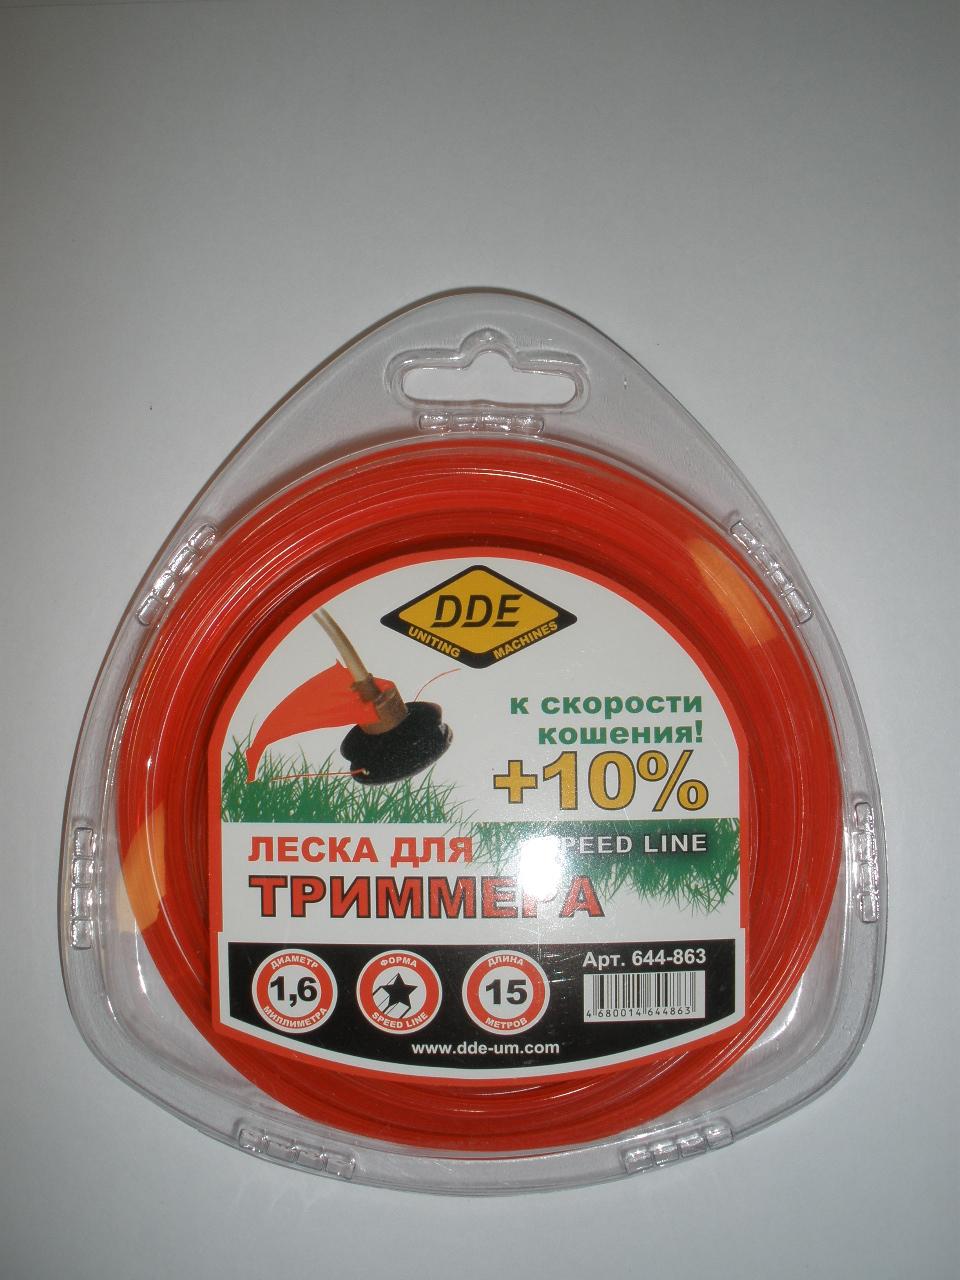 Леска (корд) 1,6 мм х 15 м, Speed line, сечение-звезда, цвет-красный, DDE